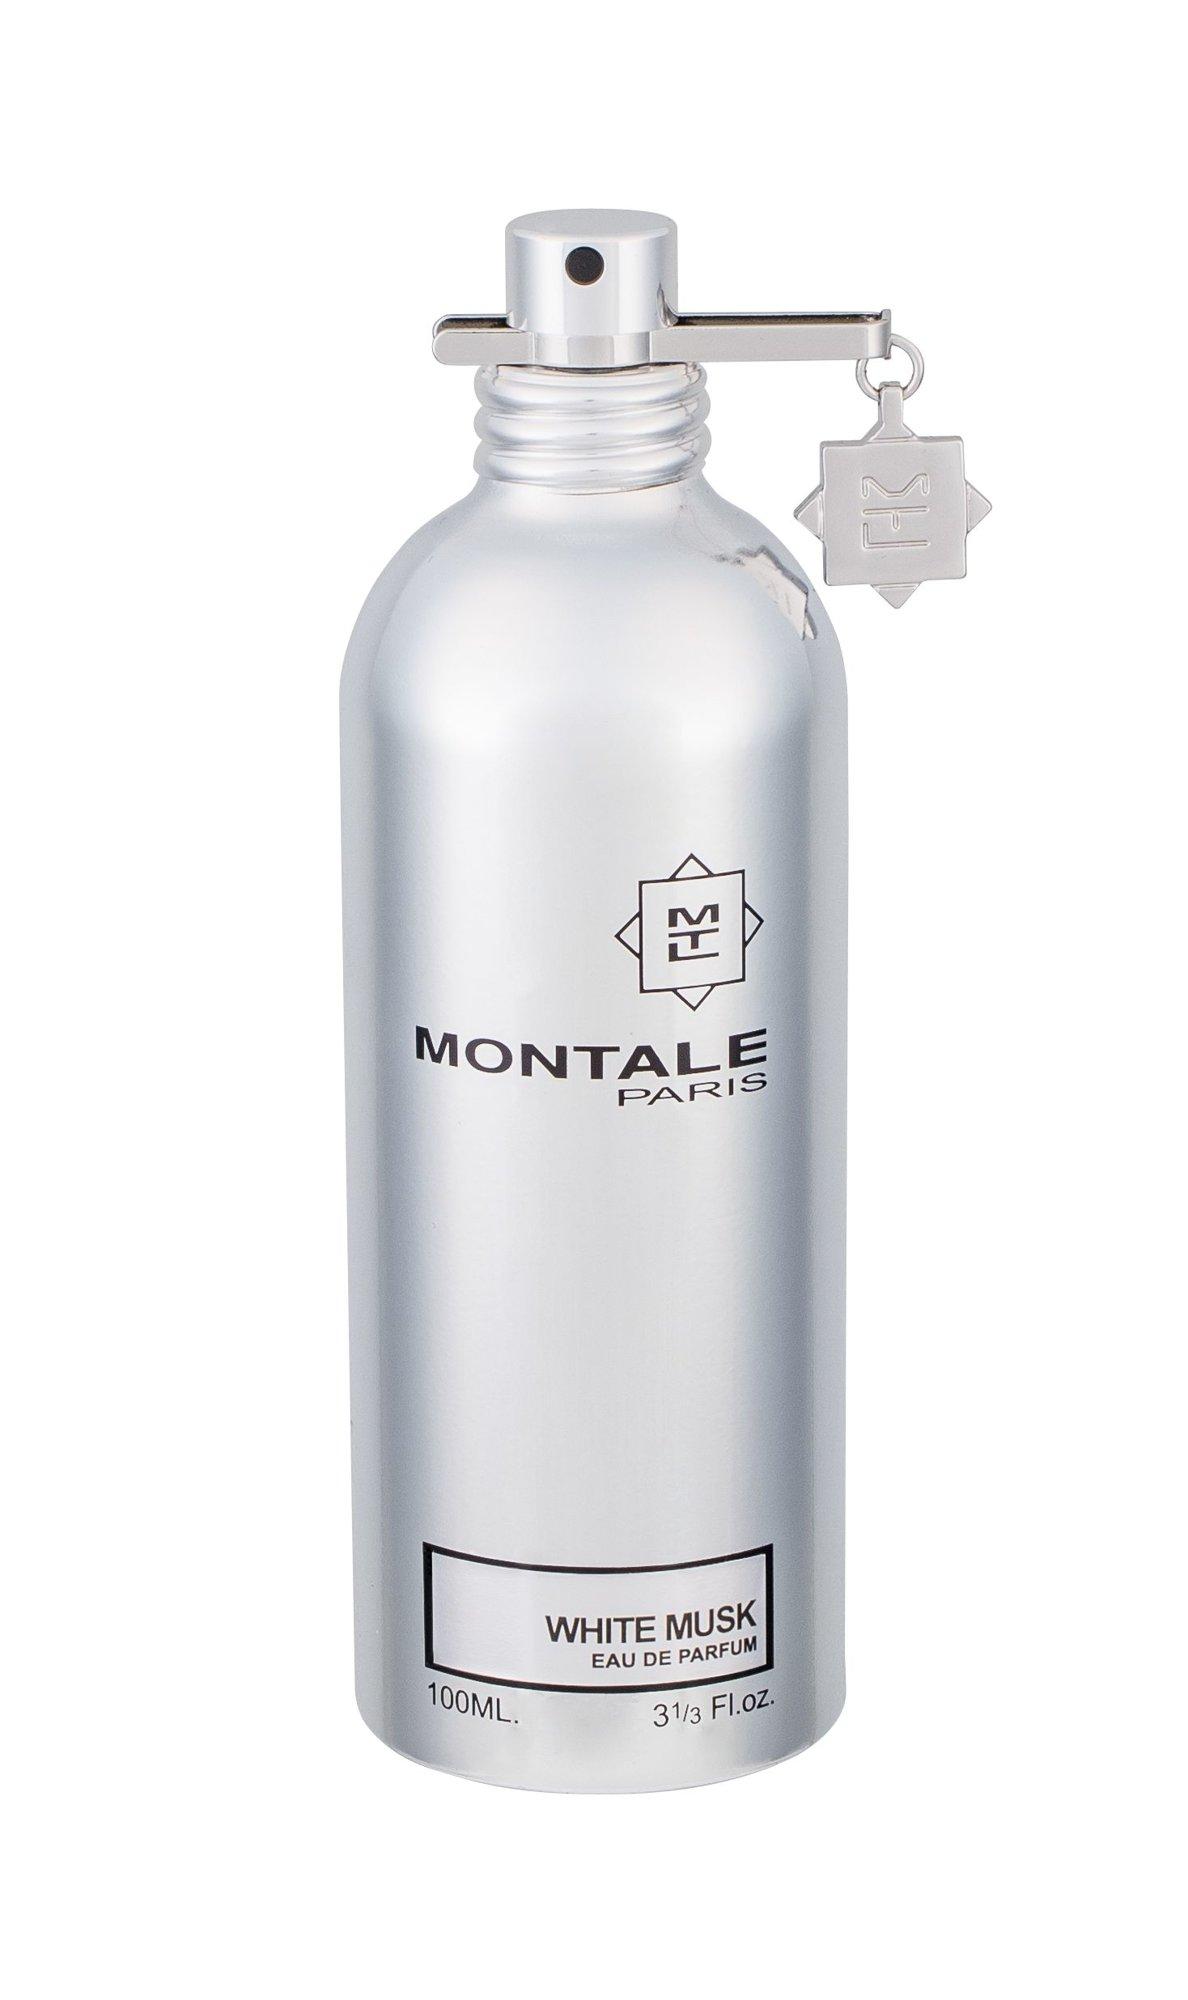 Montale Paris White Musk Eau de Parfum 100ml